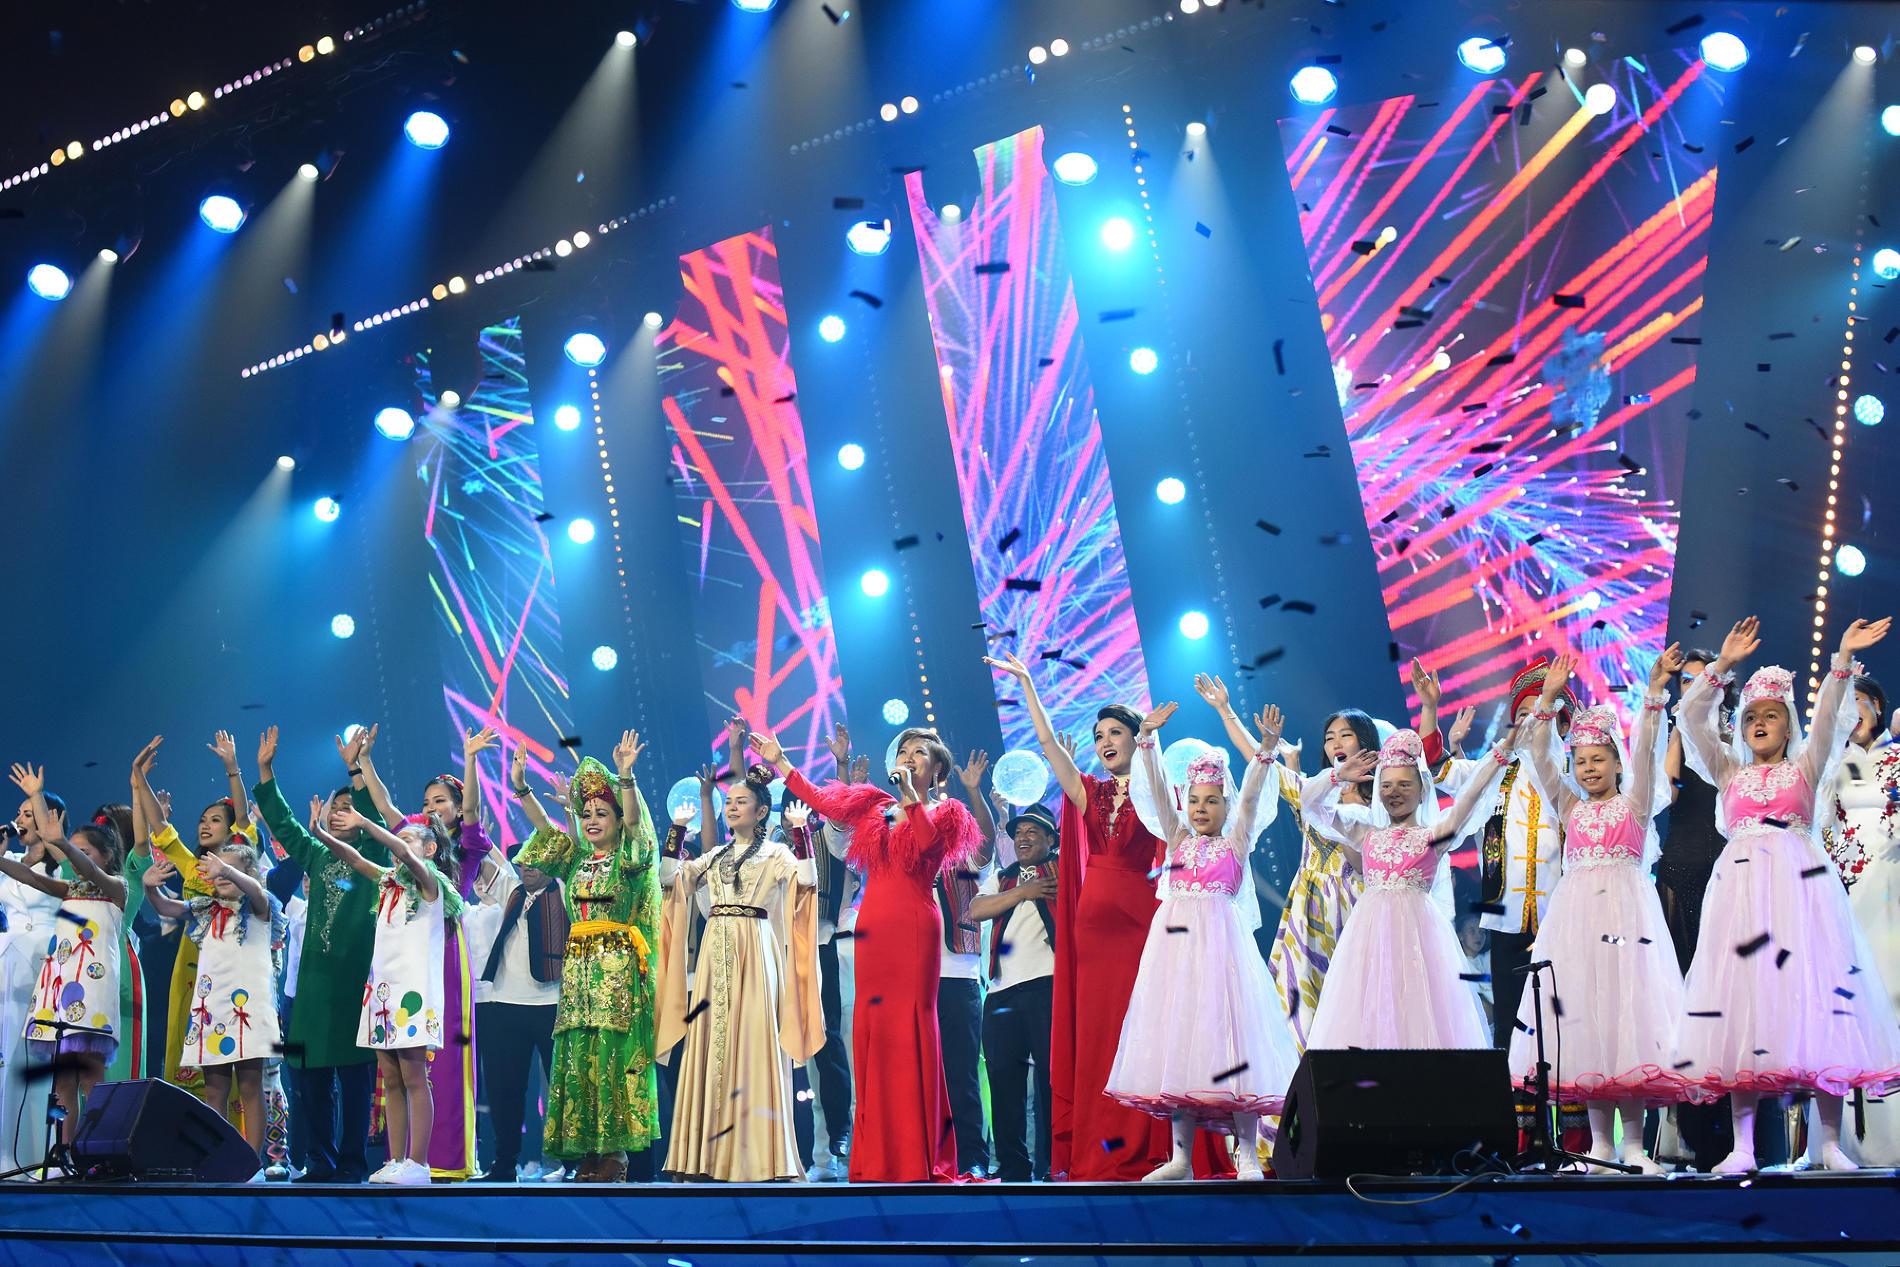 Гала-концерт закрытия фестиваля «Факел» ПАО «Газпром» в Сочи ©Фото пресс-службы фестиваля «Факел»